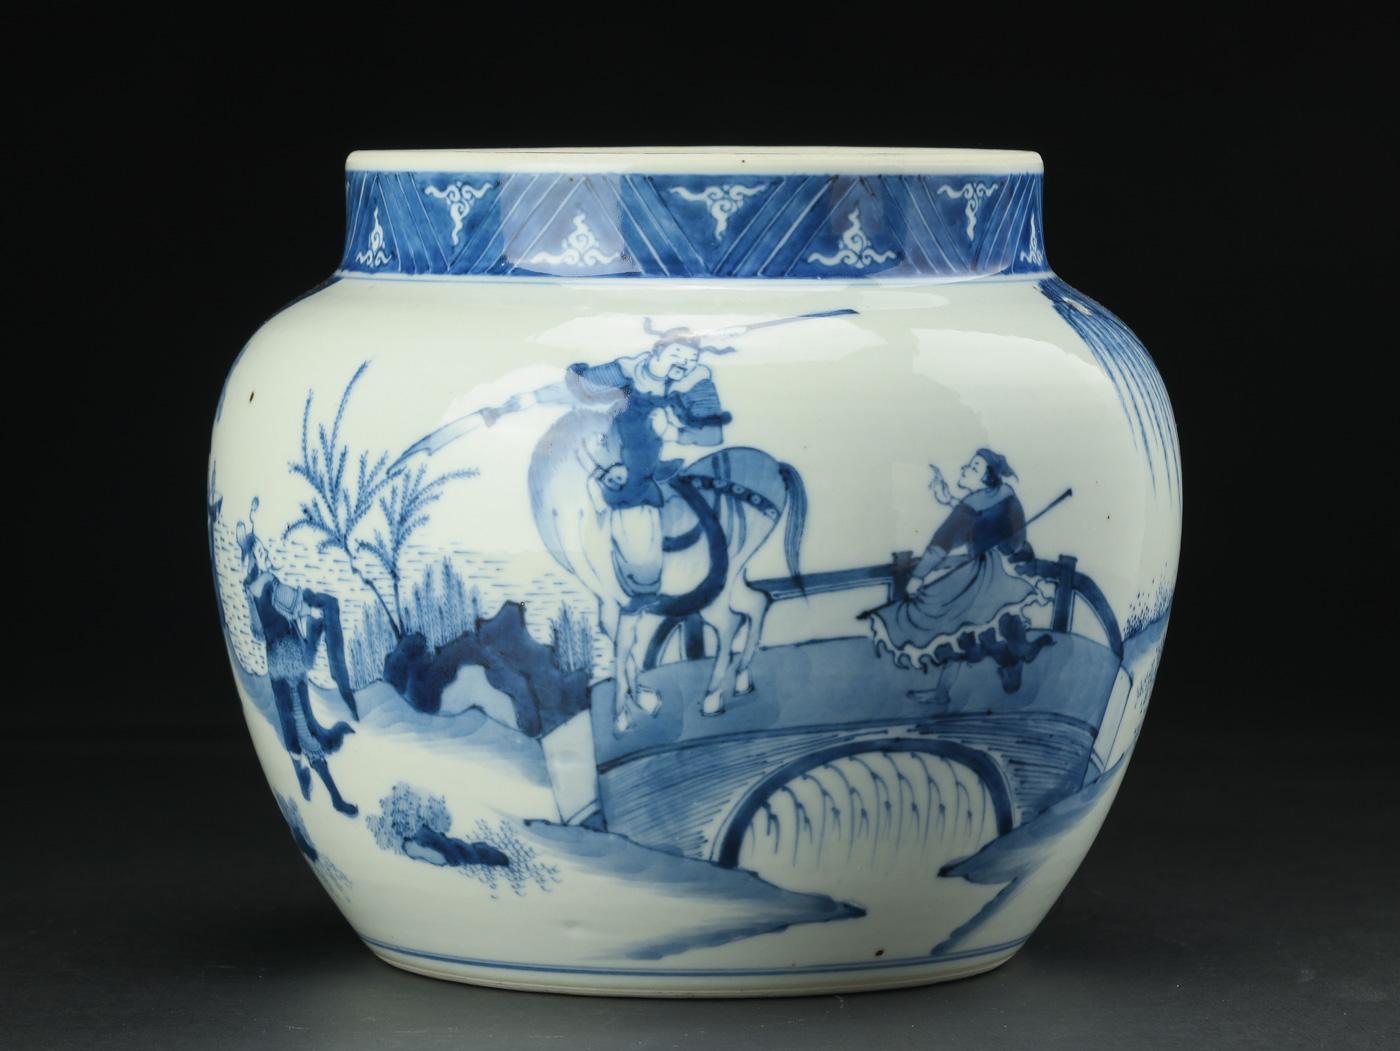 Meat bowl Kina Kang Xi 1662-1722 - Meat bowl af porcelæn med underglasur blå dekoration i form af soldater i landskap, fremstår med hul efter montering. Kina Kang Xi 1662-1722. H 18 cm B 21 cm